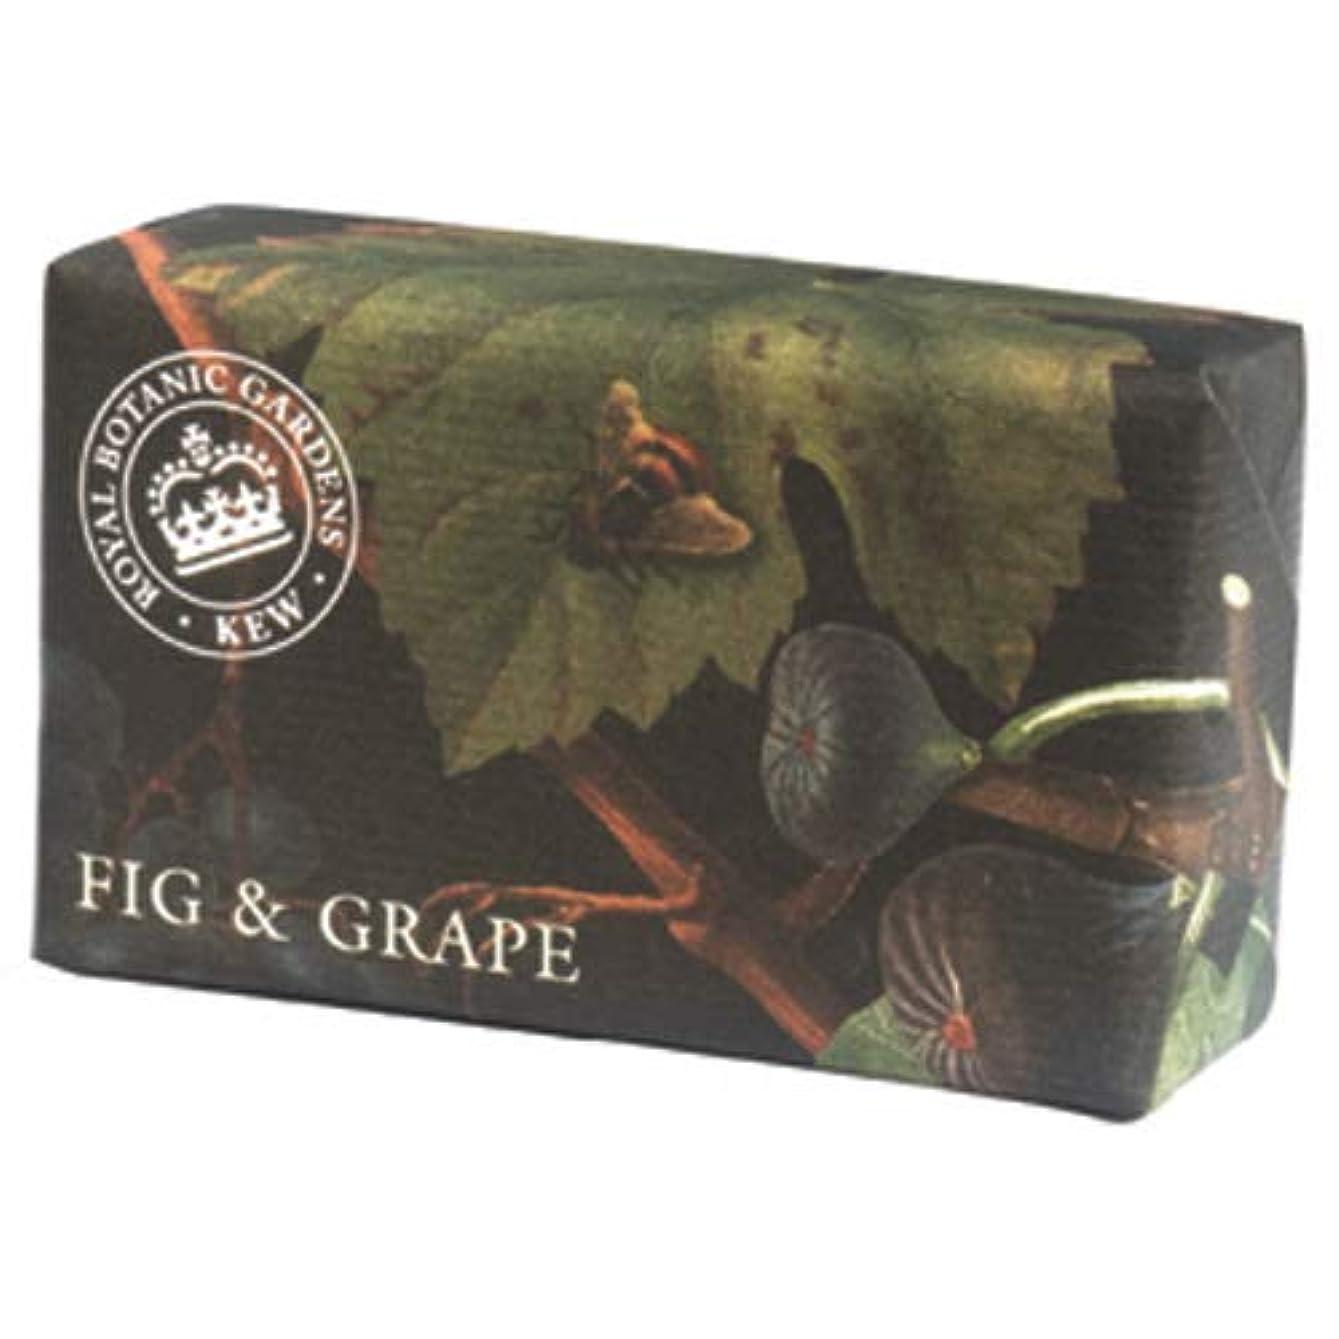 保持滝経営者English Soap Company イングリッシュソープカンパニー KEW GARDEN キュー?ガーデン Luxury Shea Soaps シアソープ Fig & Grape フィグ&グレープ